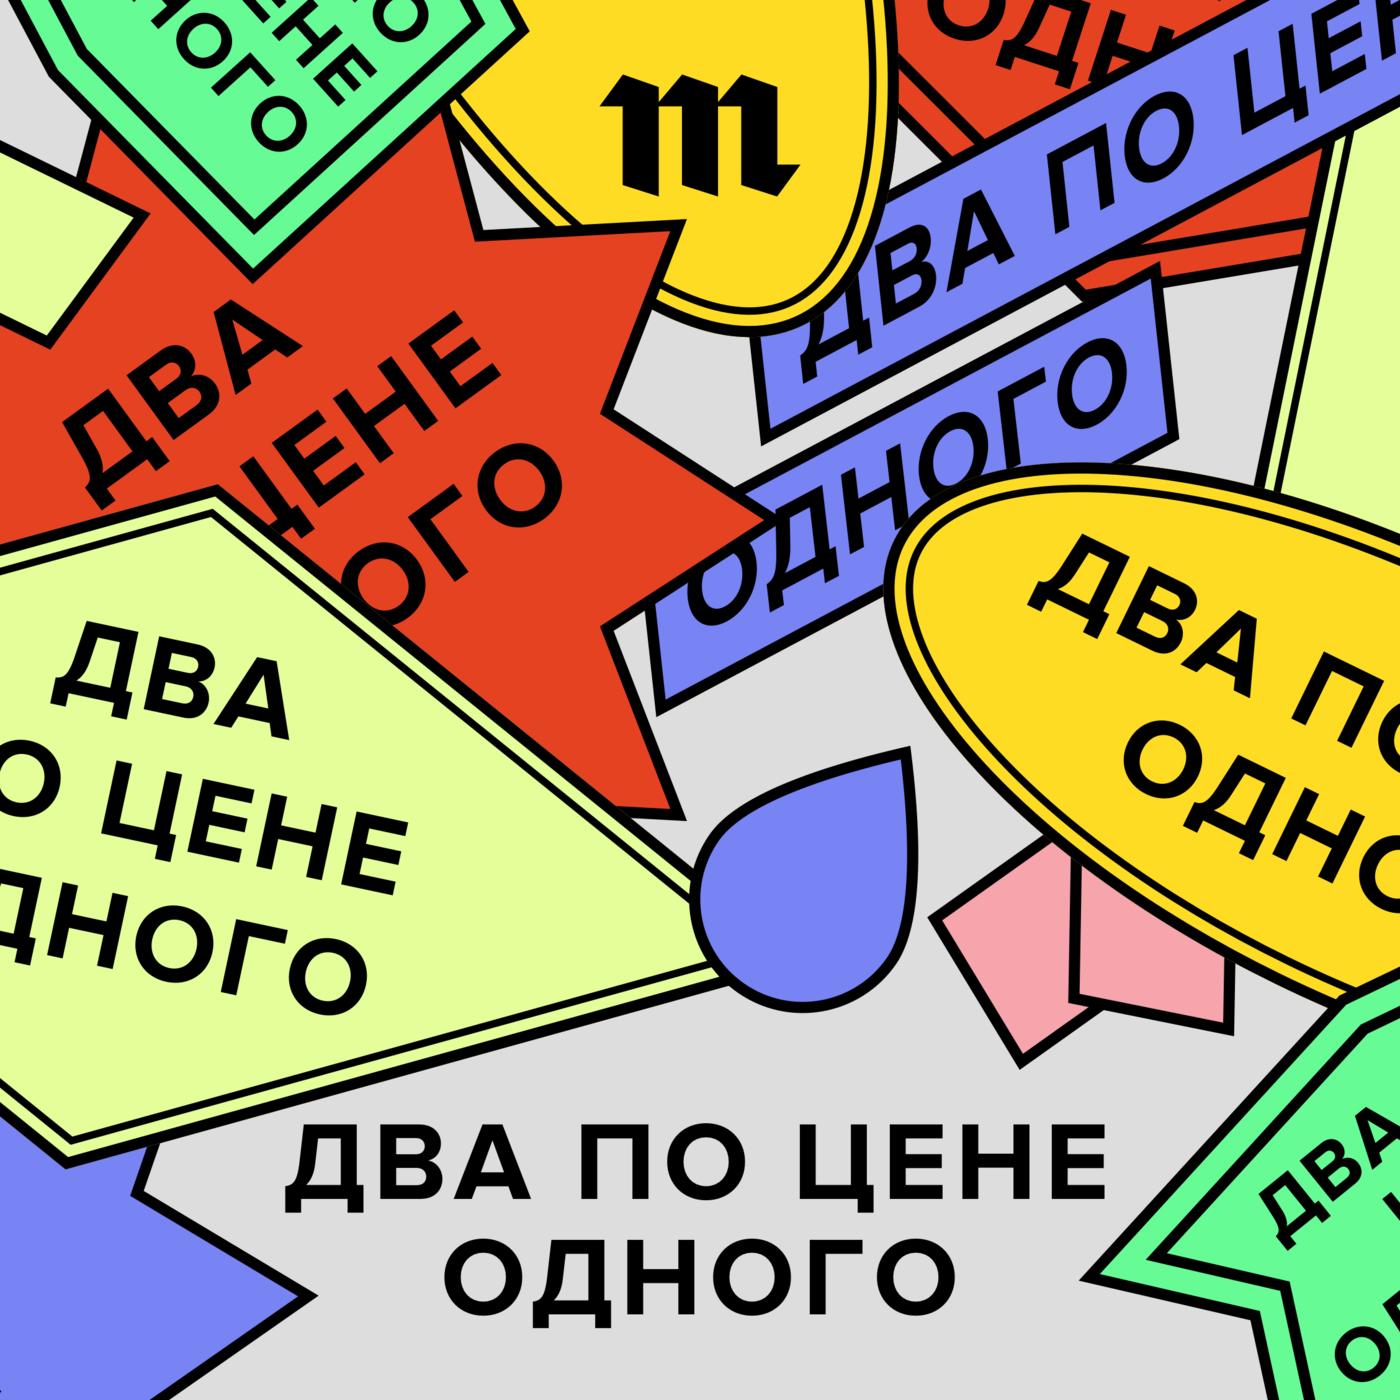 Илья Красильщик Как жить на 23 тысячи рублей в месяц и при этом еще отдавать долги цены онлайн